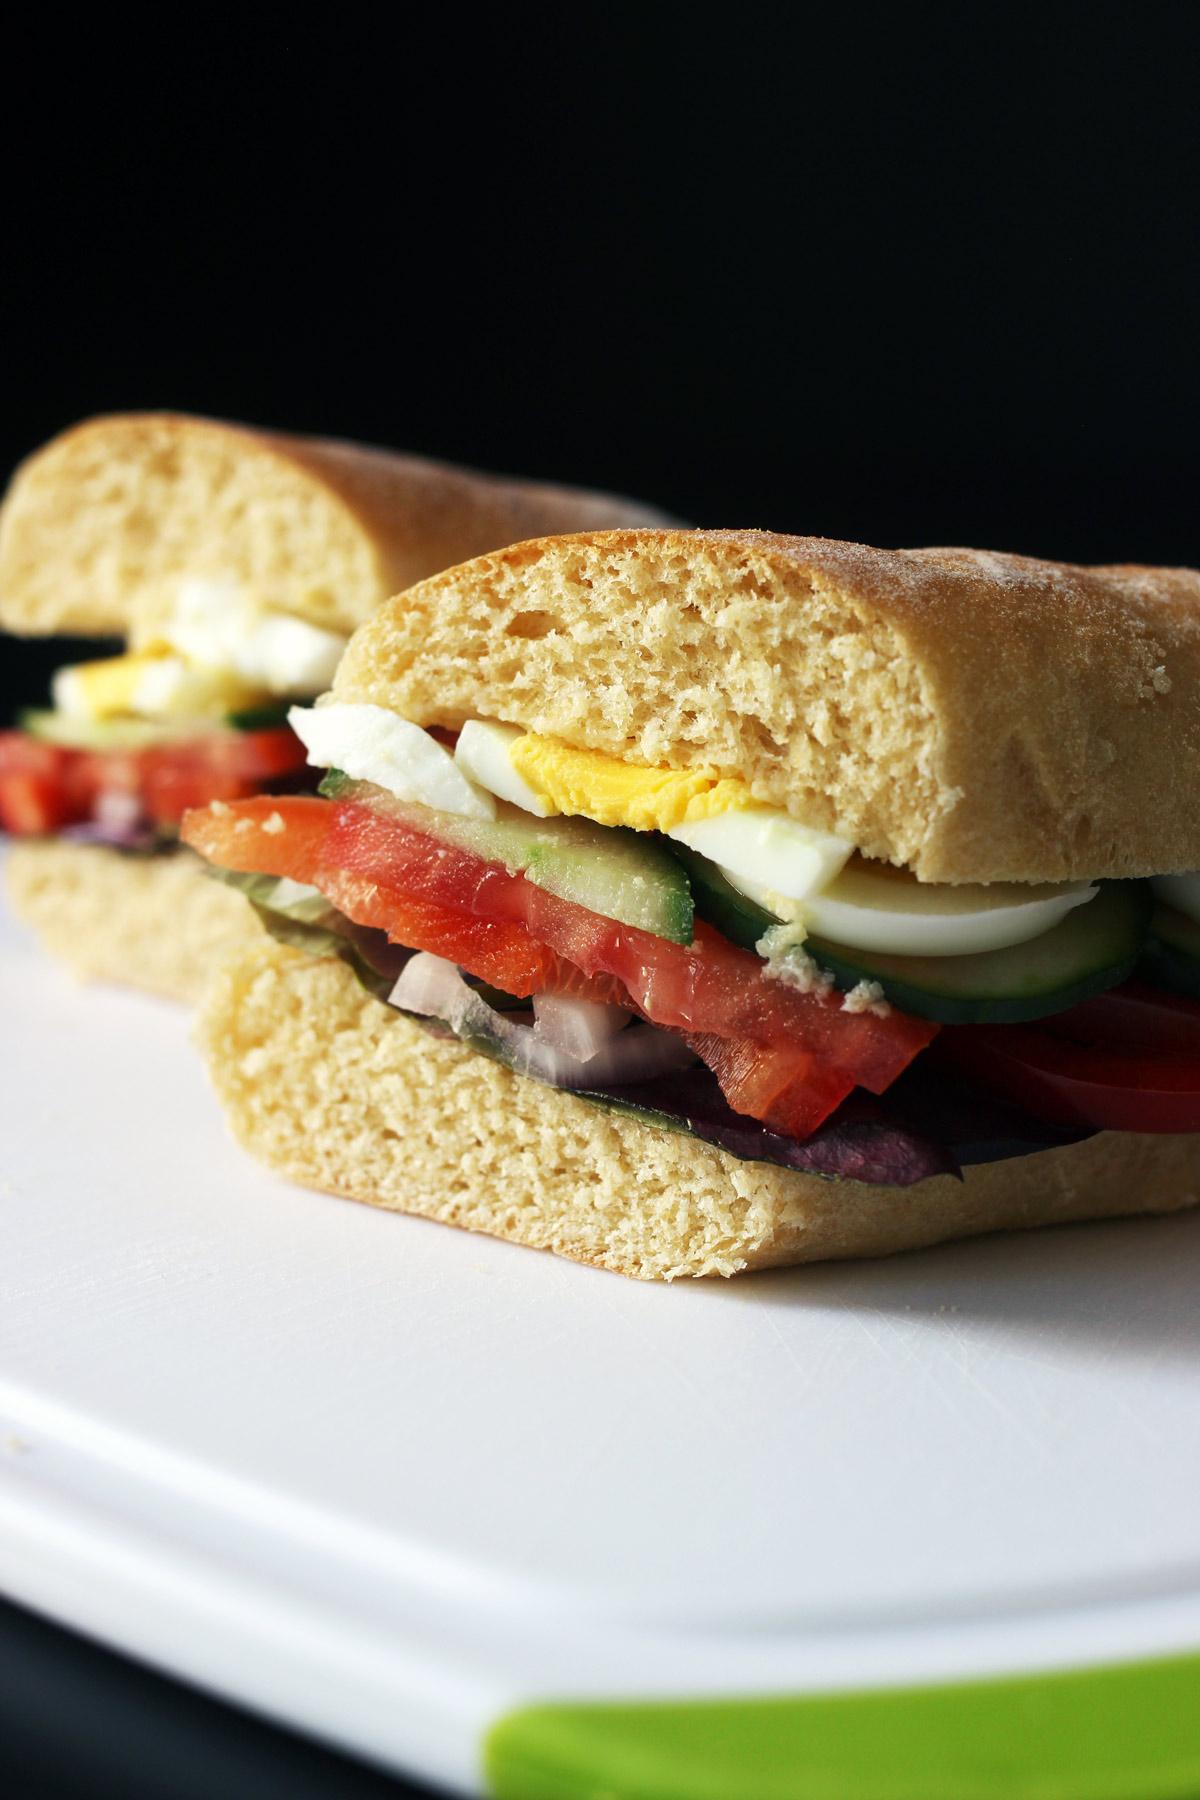 side view of egg sandwich cut in half